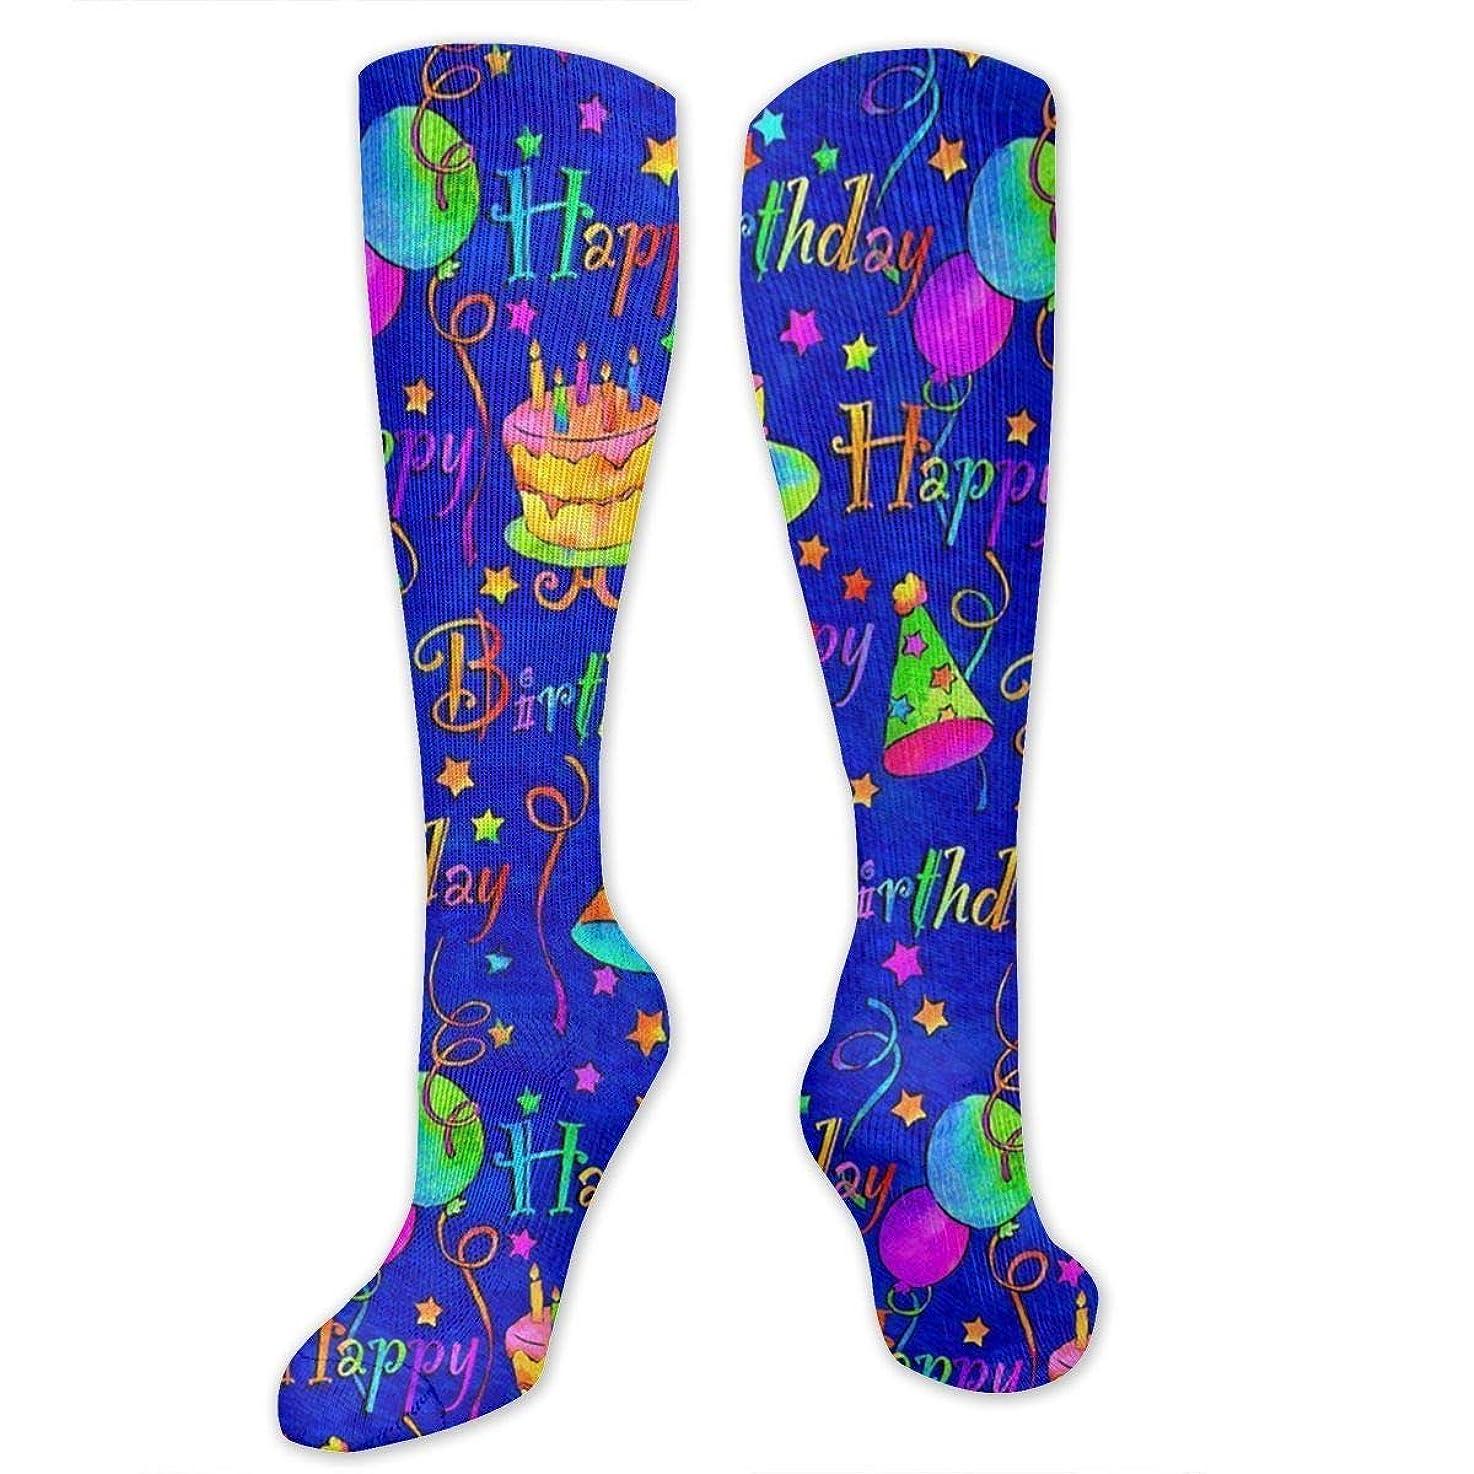 保存する協会音靴下,ストッキング,野生のジョーカー,実際,秋の本質,冬必須,サマーウェア&RBXAA Happy Birthday Blue Cake Socks Women's Winter Cotton Long Tube Socks Knee High Graduated Compression Socks